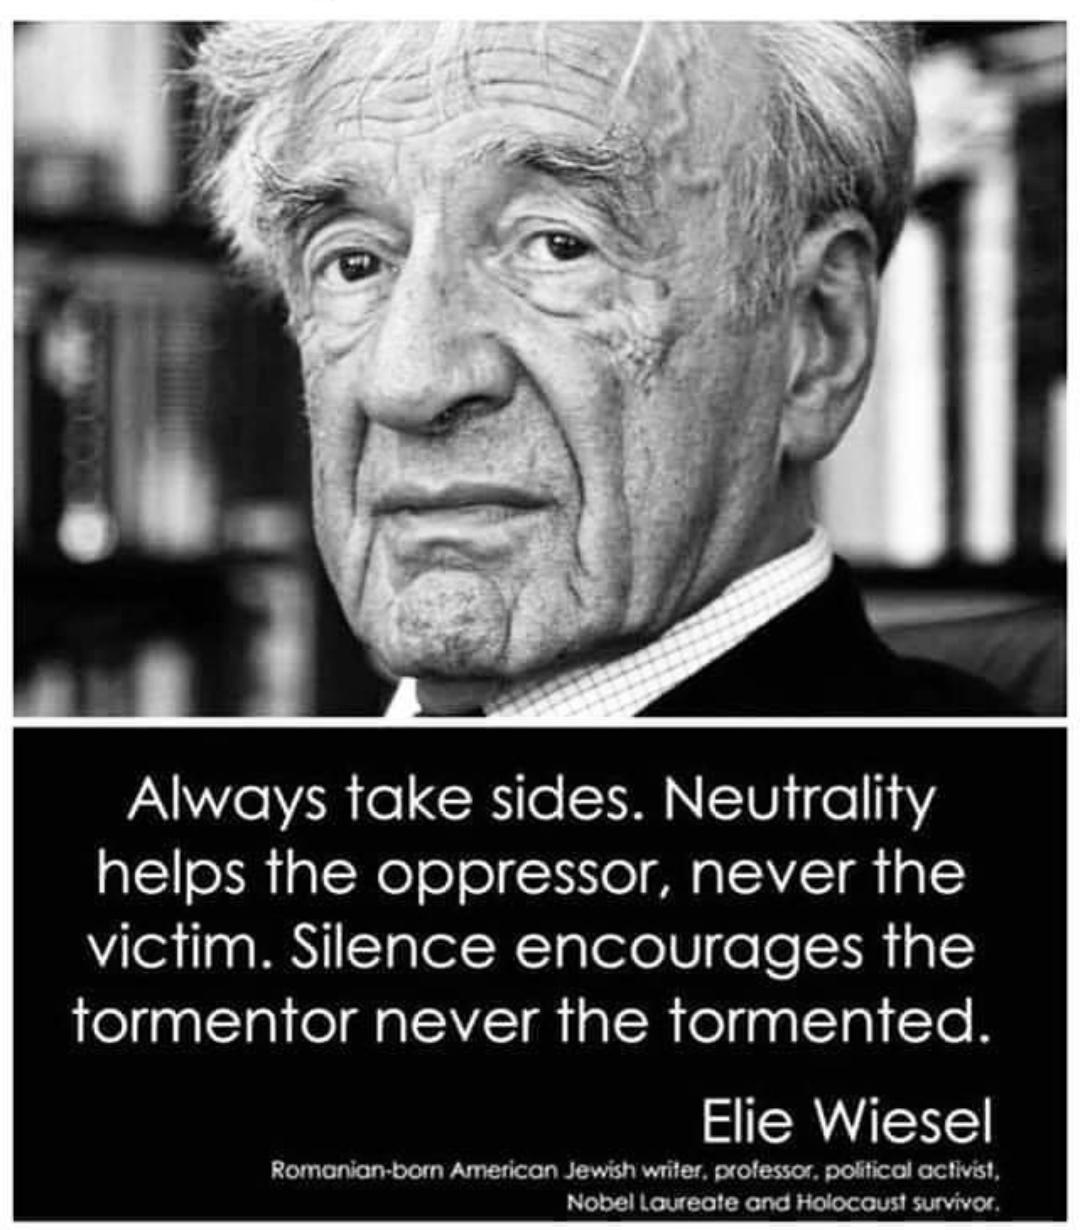 [Image] Neutrality